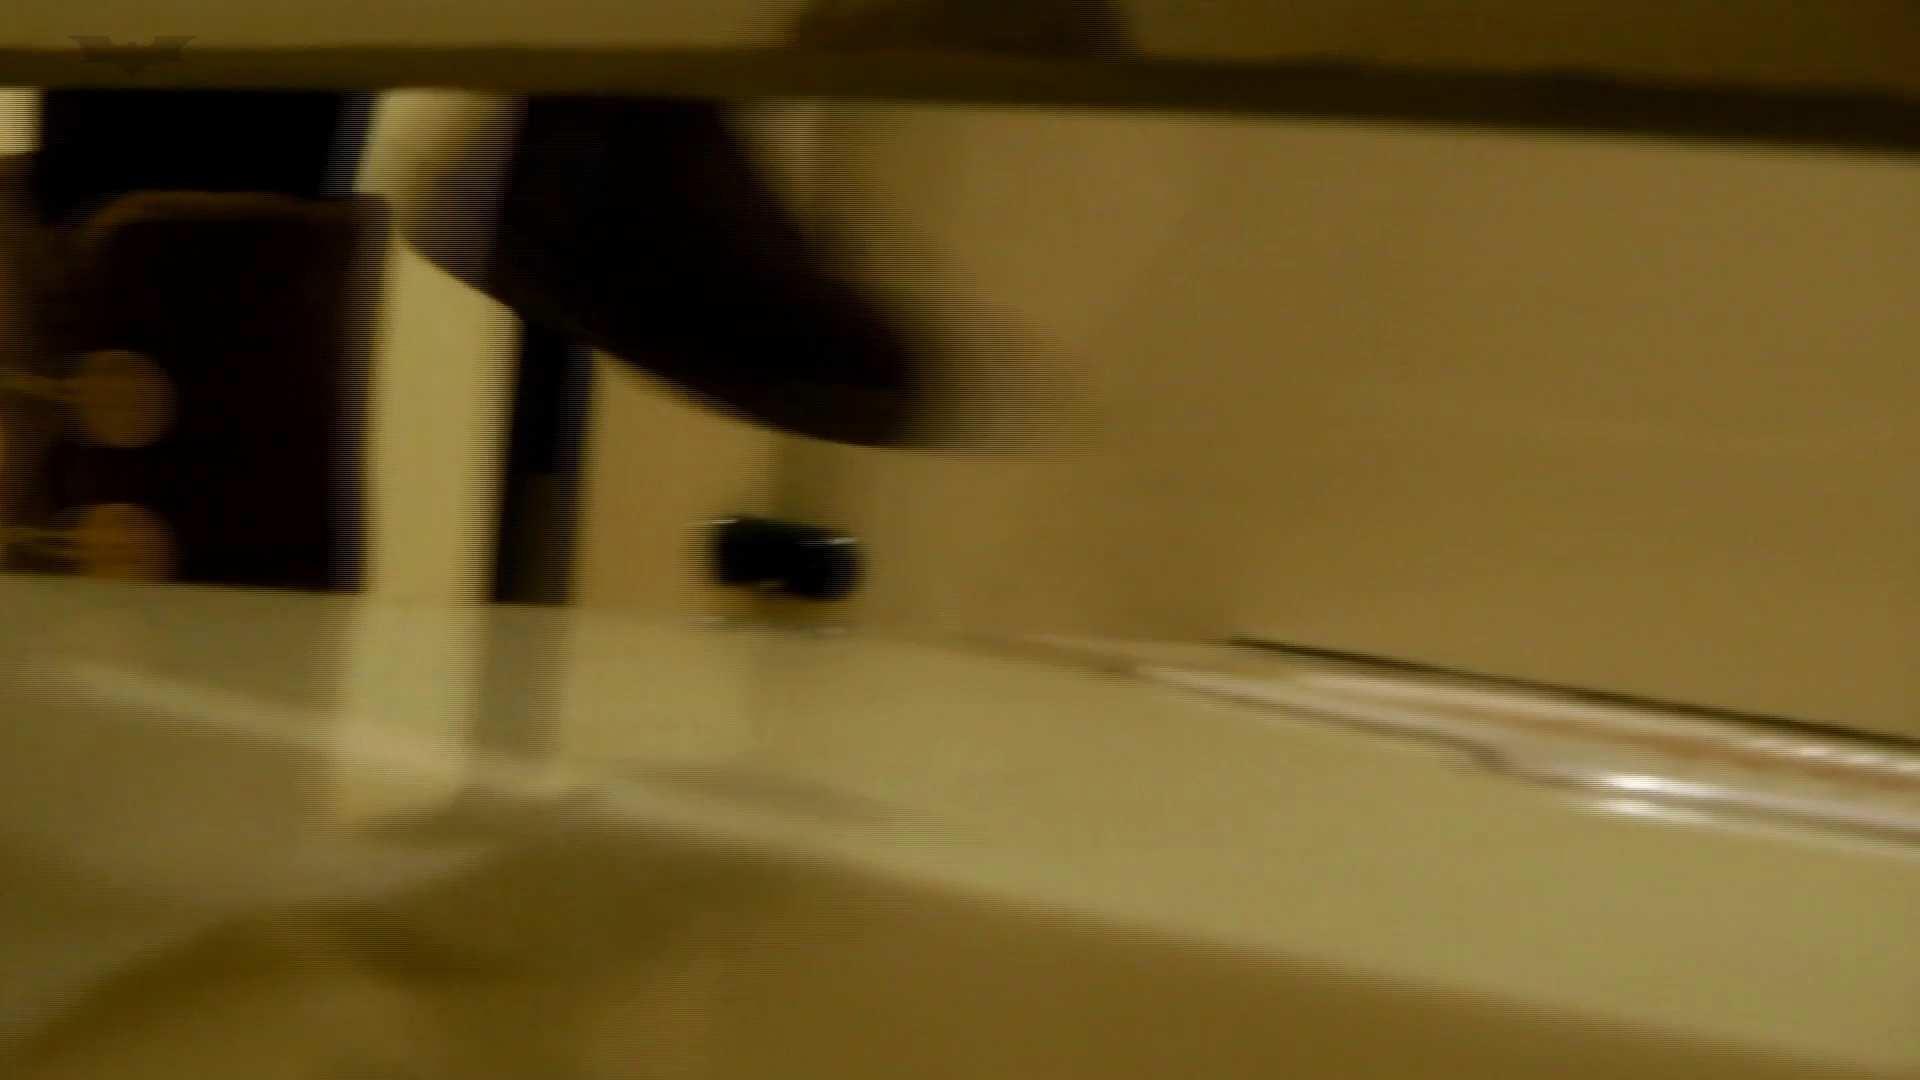 新世界の射窓 No76 久しぶりに見るとやっぱりいい 洗面所 | 0  88PIX 75